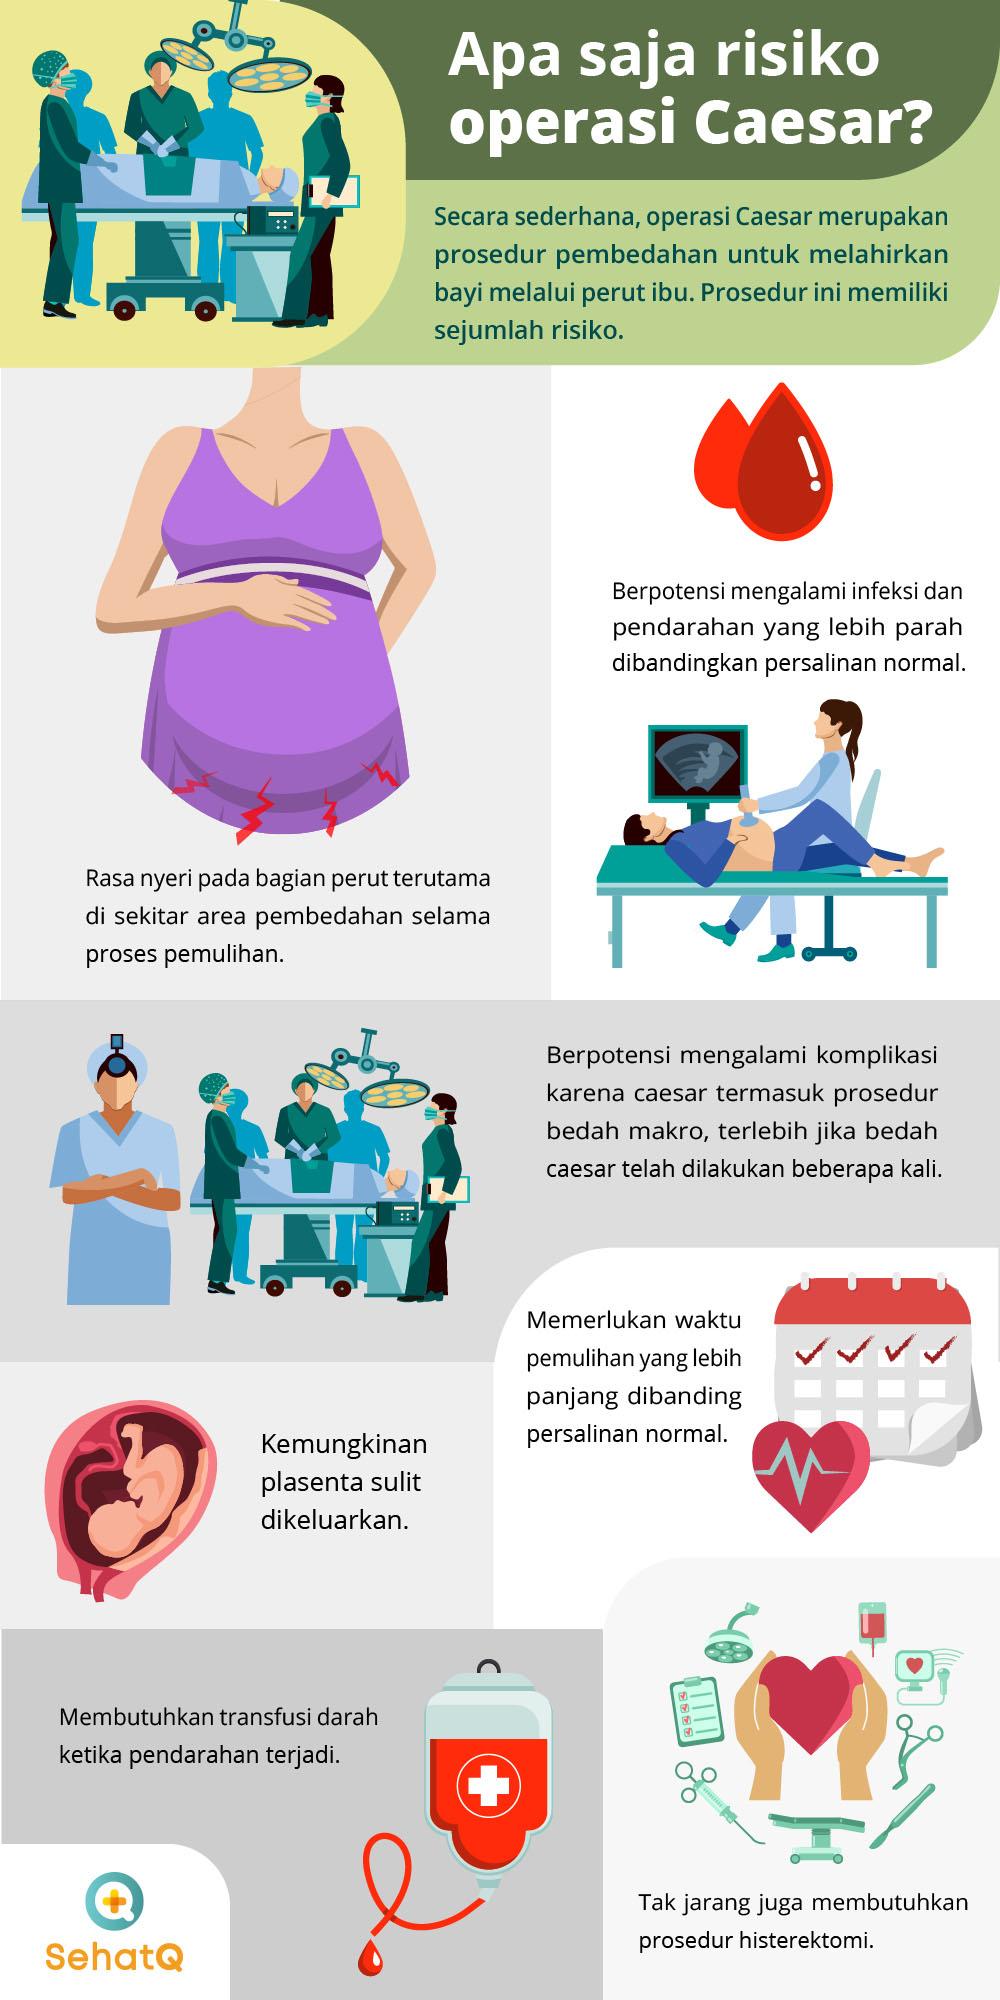 risiko operasi caesar